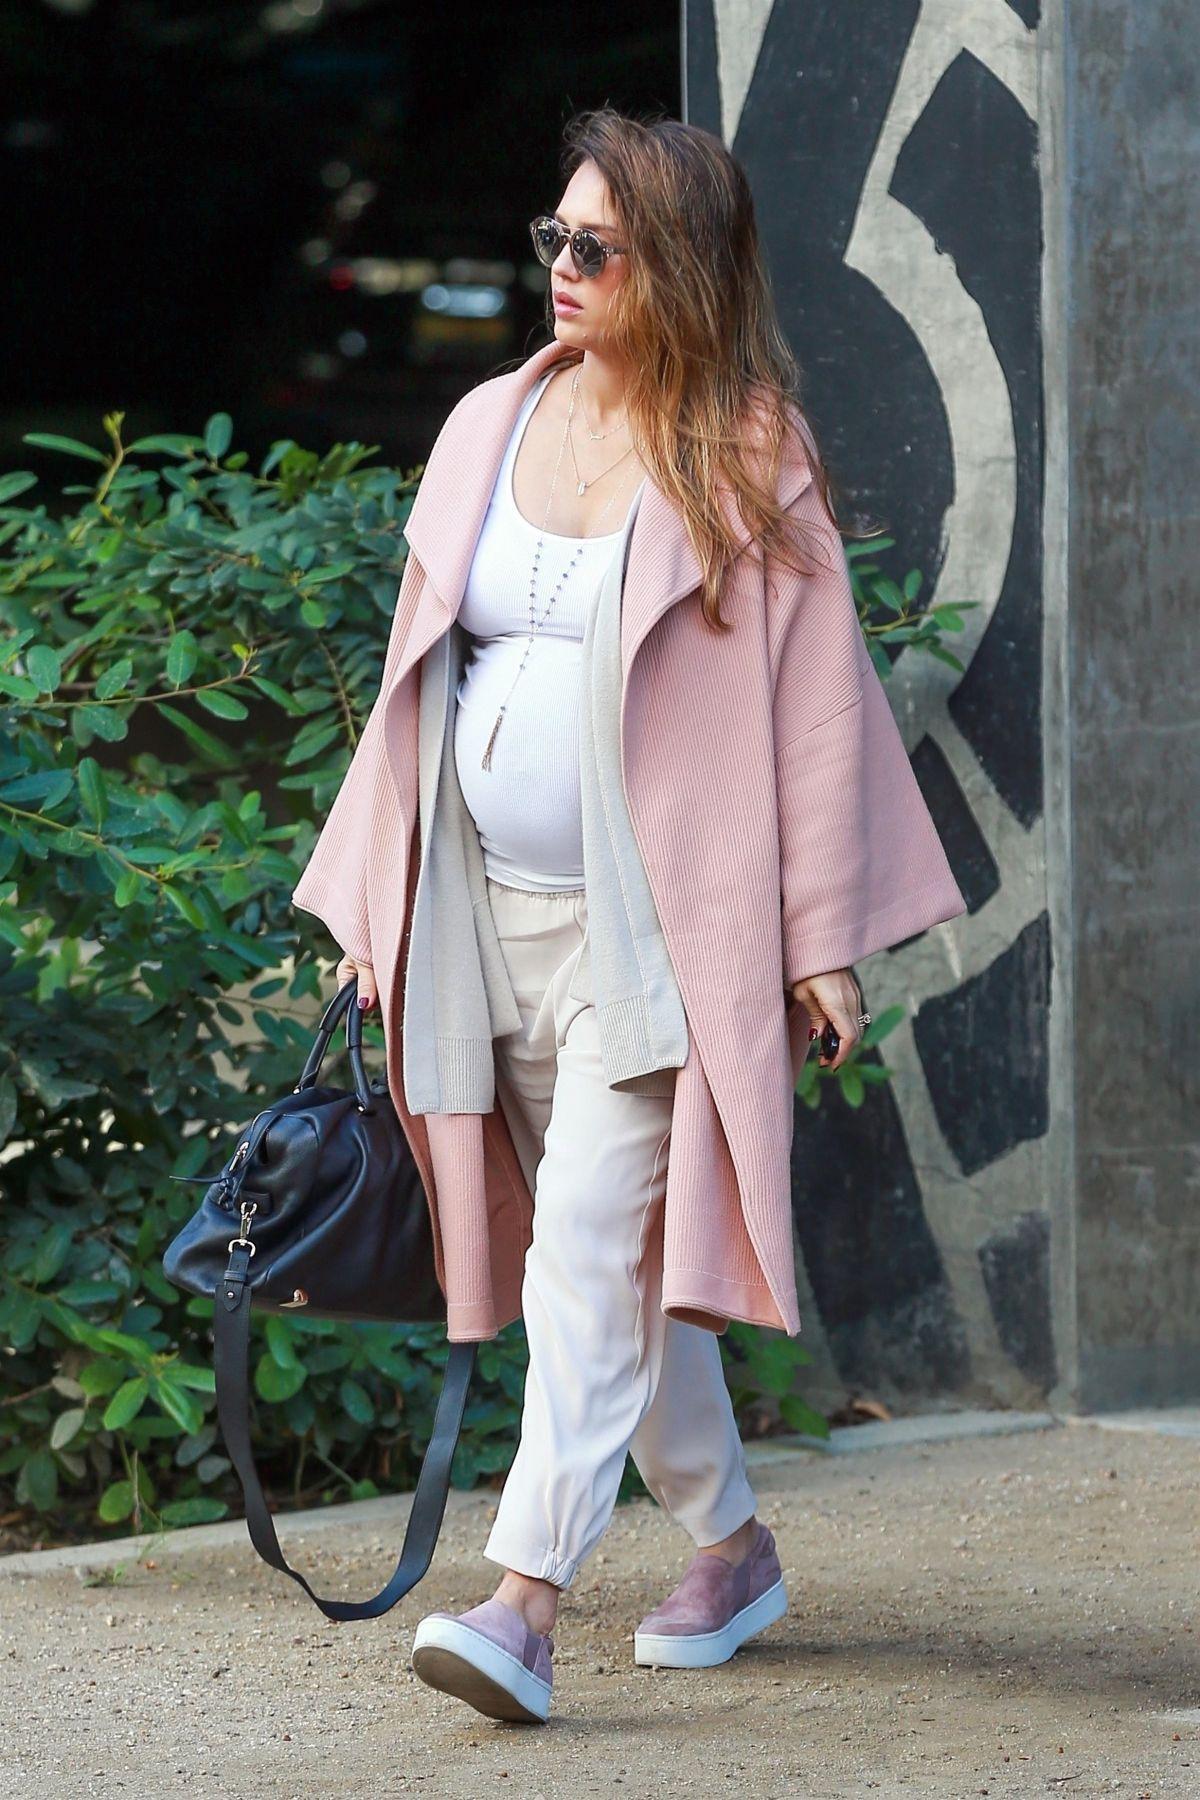 Jessica alba pregnant fashion 51